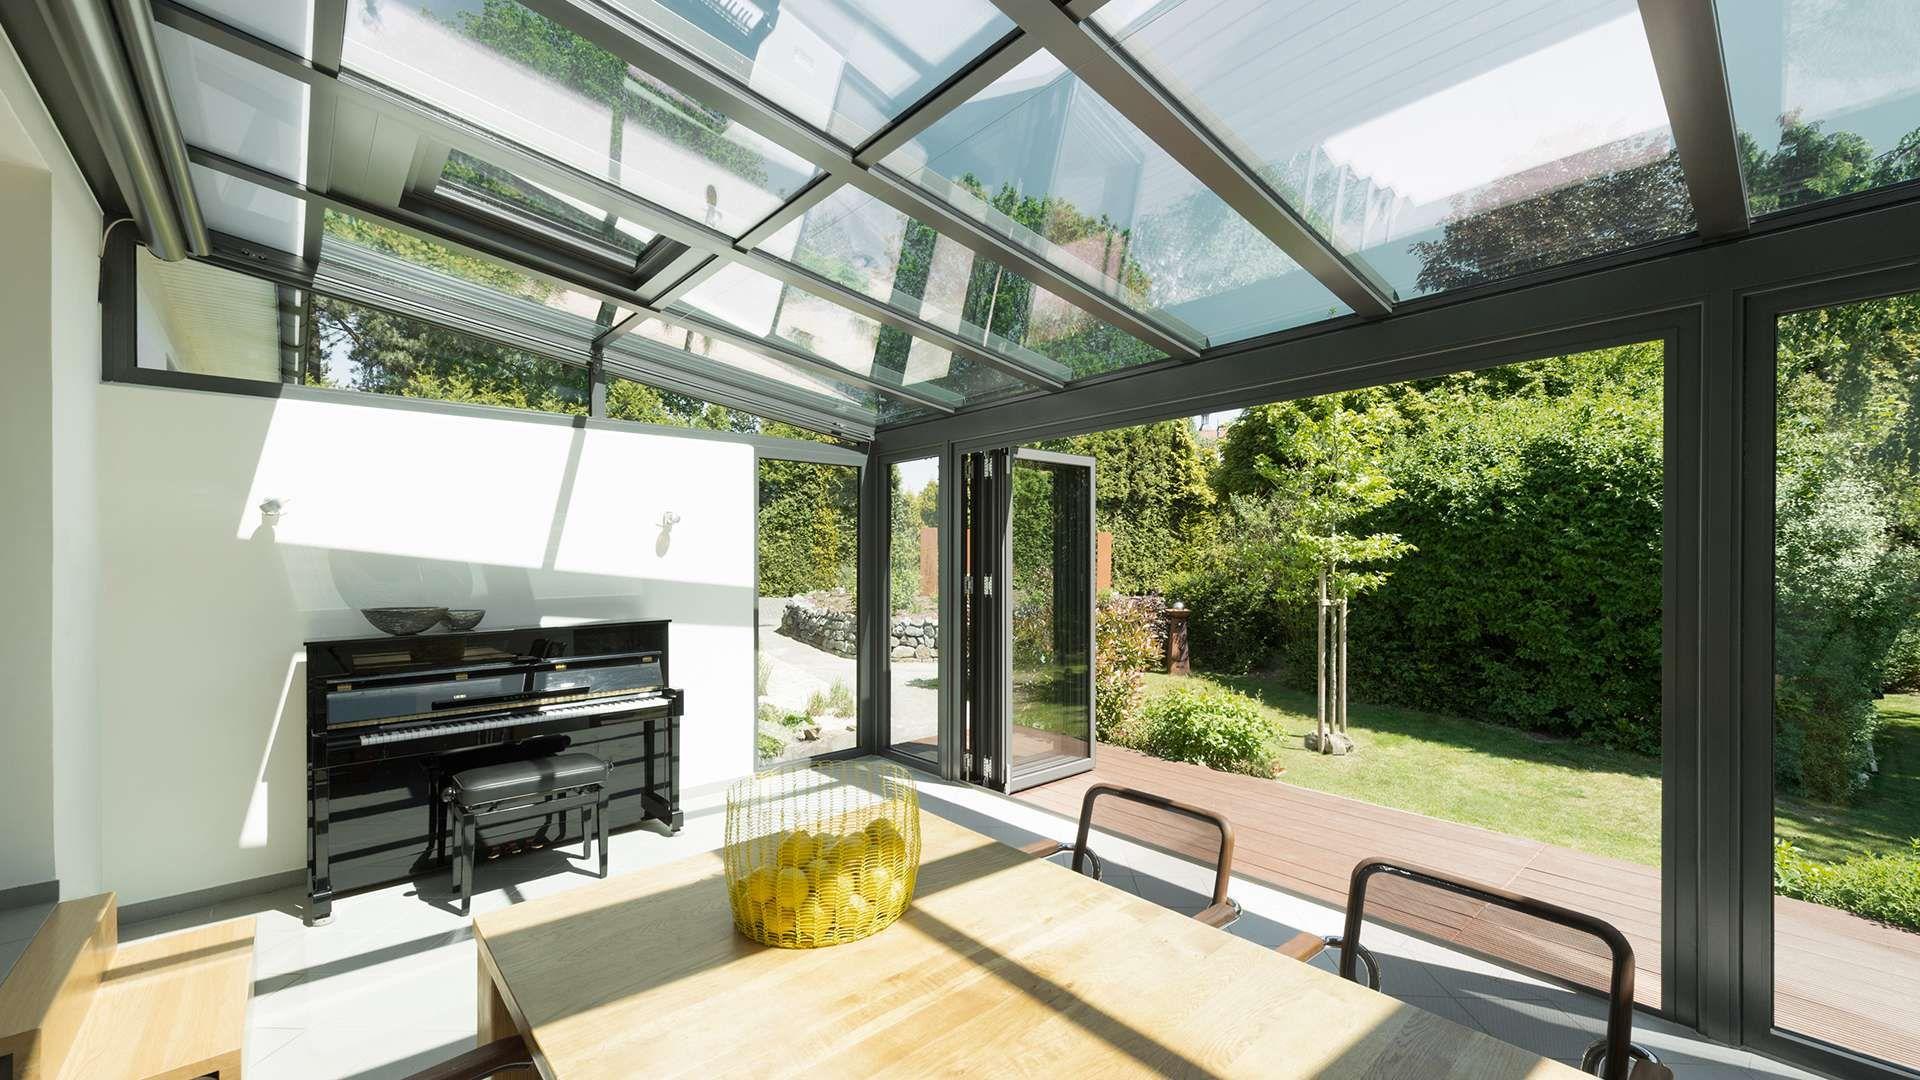 Innenansicht eines Wintergartens mit Esstisch und Klavier